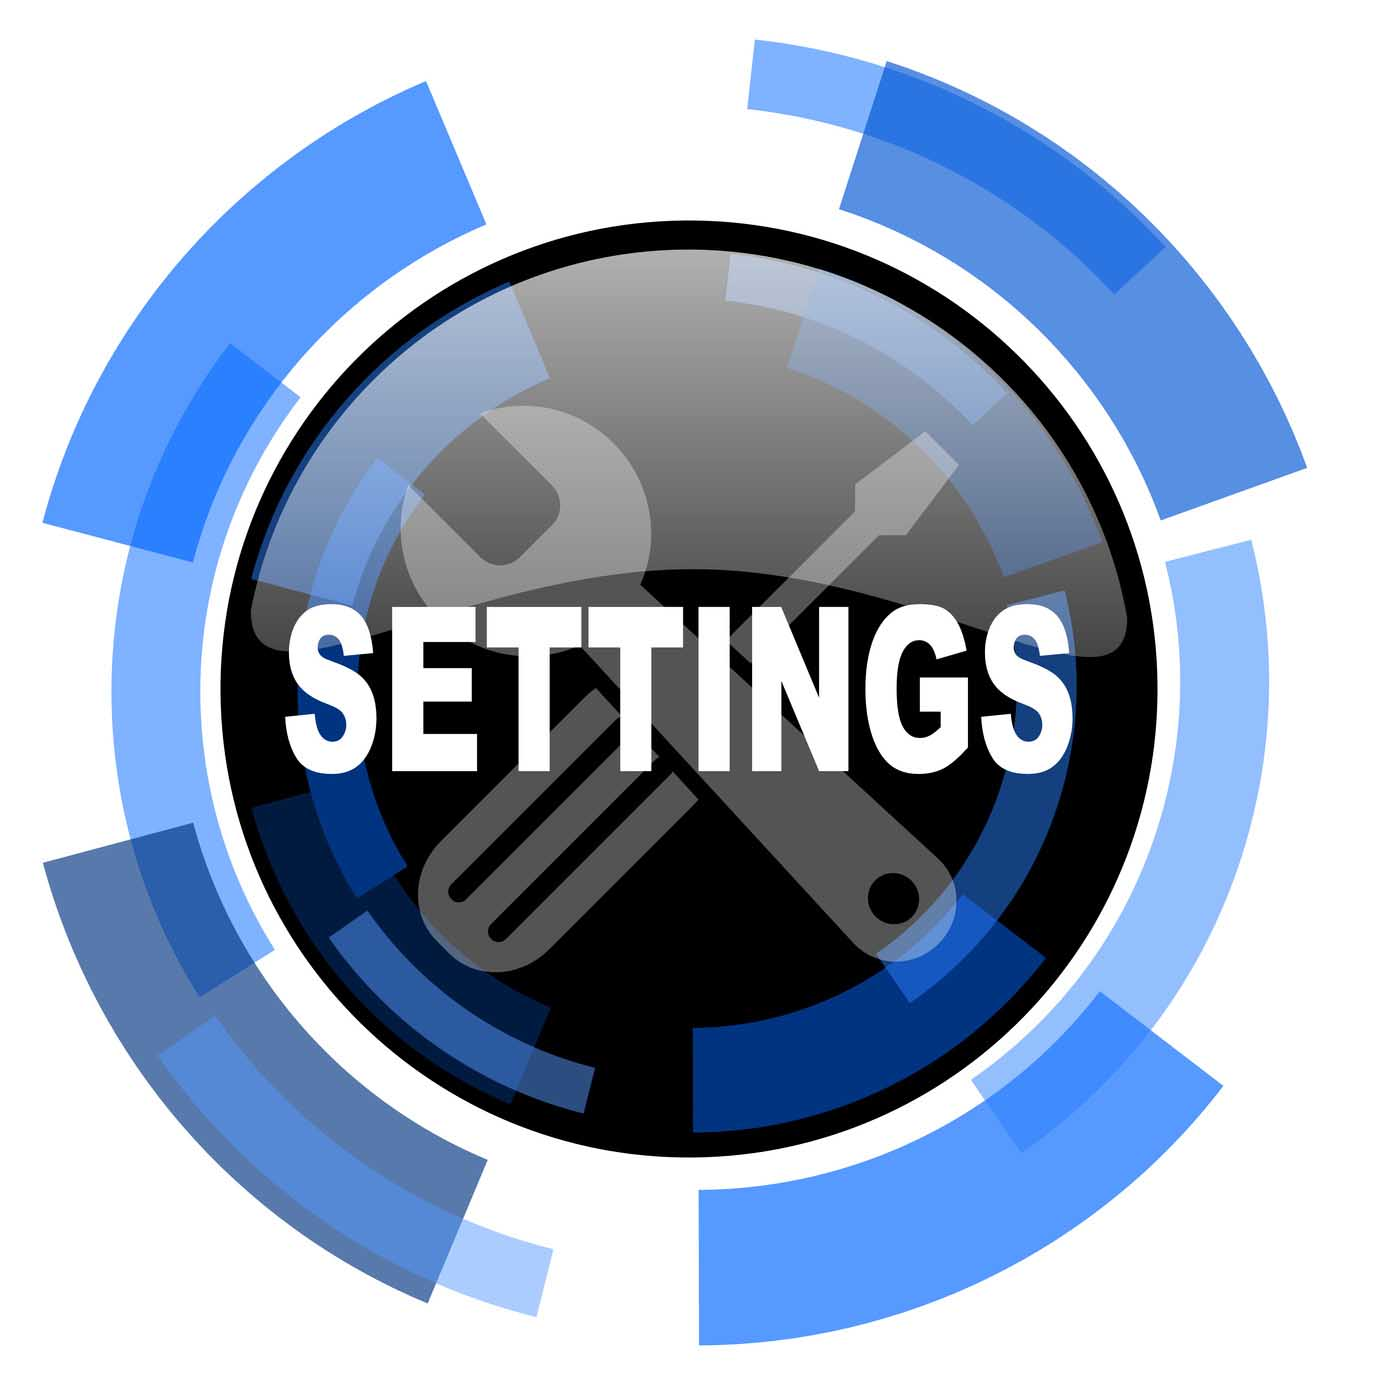 settings black blue glossy web icon